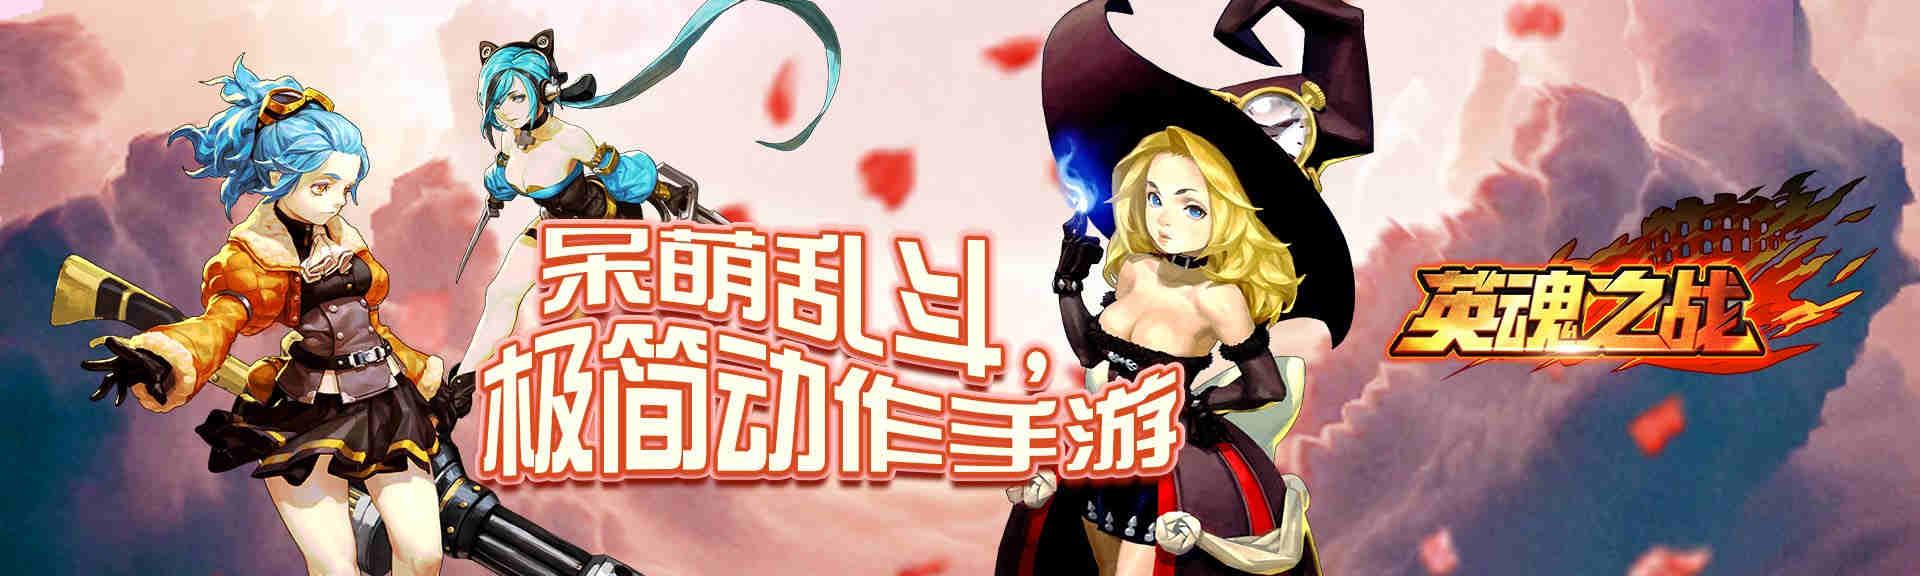 《英魂之战》反派万人迷——剑舞者莉莉丝!